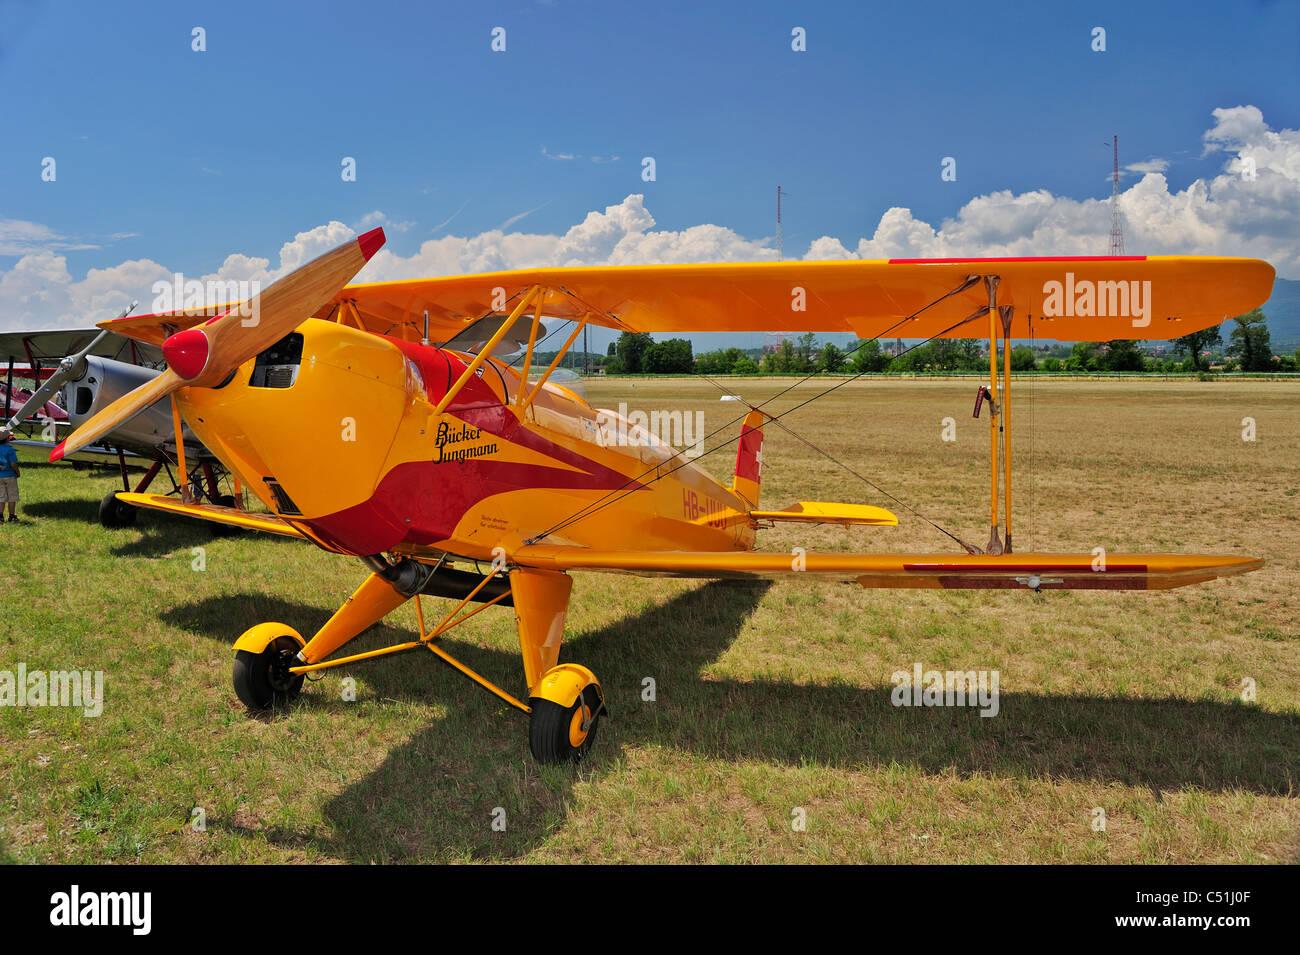 A Bucker Jungmann biplane - Stock Image